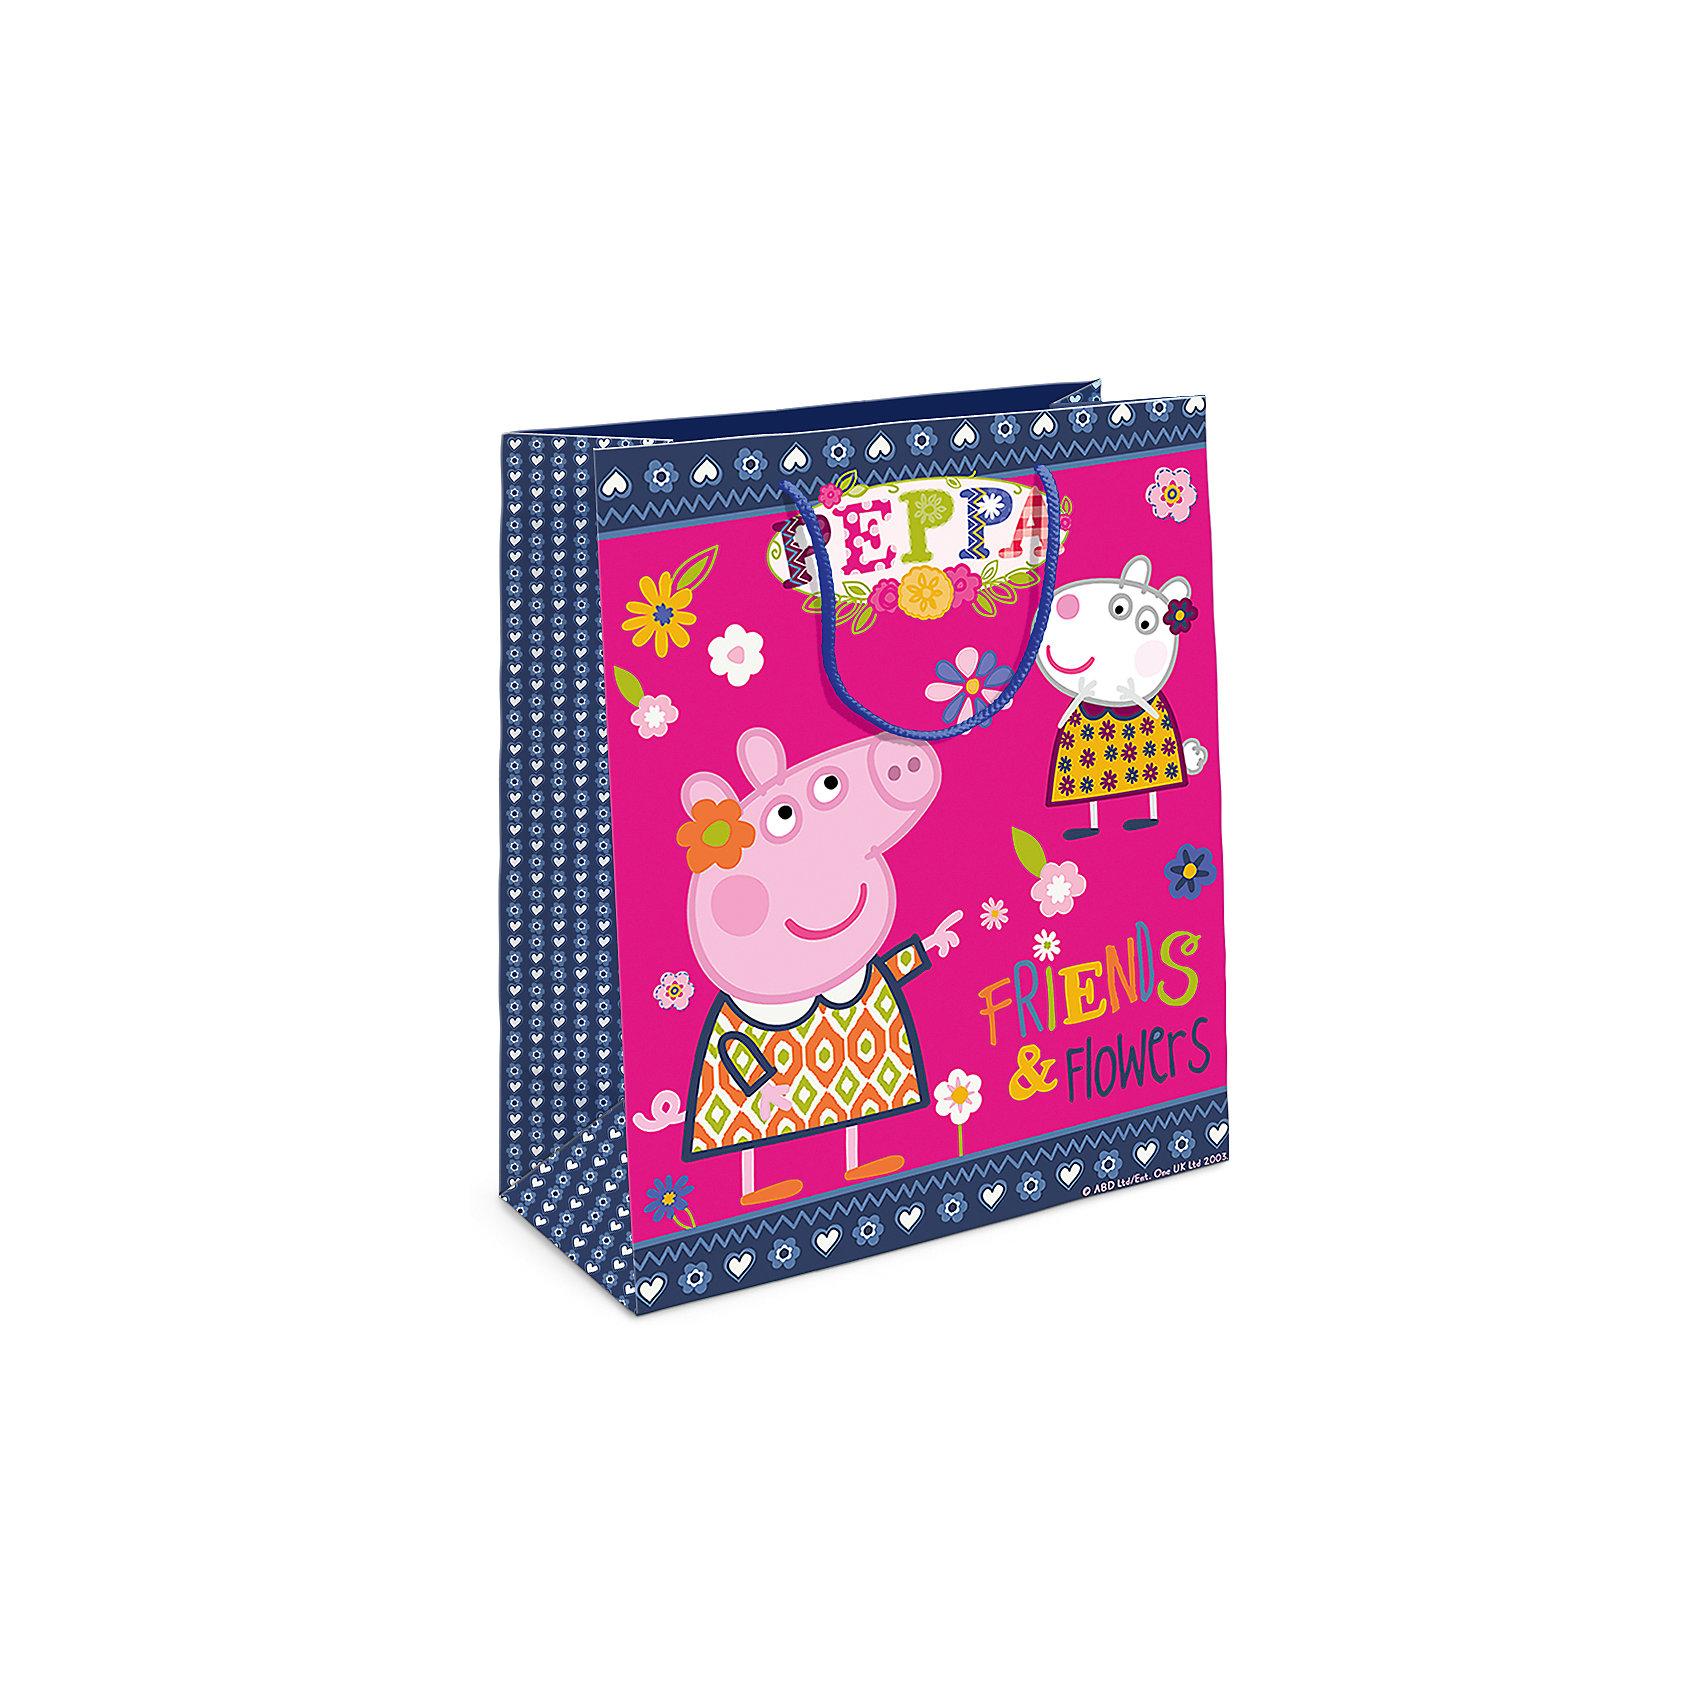 Пакет подарочный  Пеппа и Сьюзи, 23*18*10Всё для праздника<br>Подарочный бумажный пакет «Пеппа и Сьюзи» с очаровательными героями мультфильма «Свинка Пеппа» ярко украсит подарок и обязательно порадует вашу малышку. Размер: 23х18х10см. В ассортименте вы также сможете найти такой же пакет размером 35х25х9 см.<br><br>Ширина мм: 230<br>Глубина мм: 180<br>Высота мм: 5<br>Вес г: 39<br>Возраст от месяцев: 144<br>Возраст до месяцев: 120<br>Пол: Унисекс<br>Возраст: Детский<br>SKU: 5016445